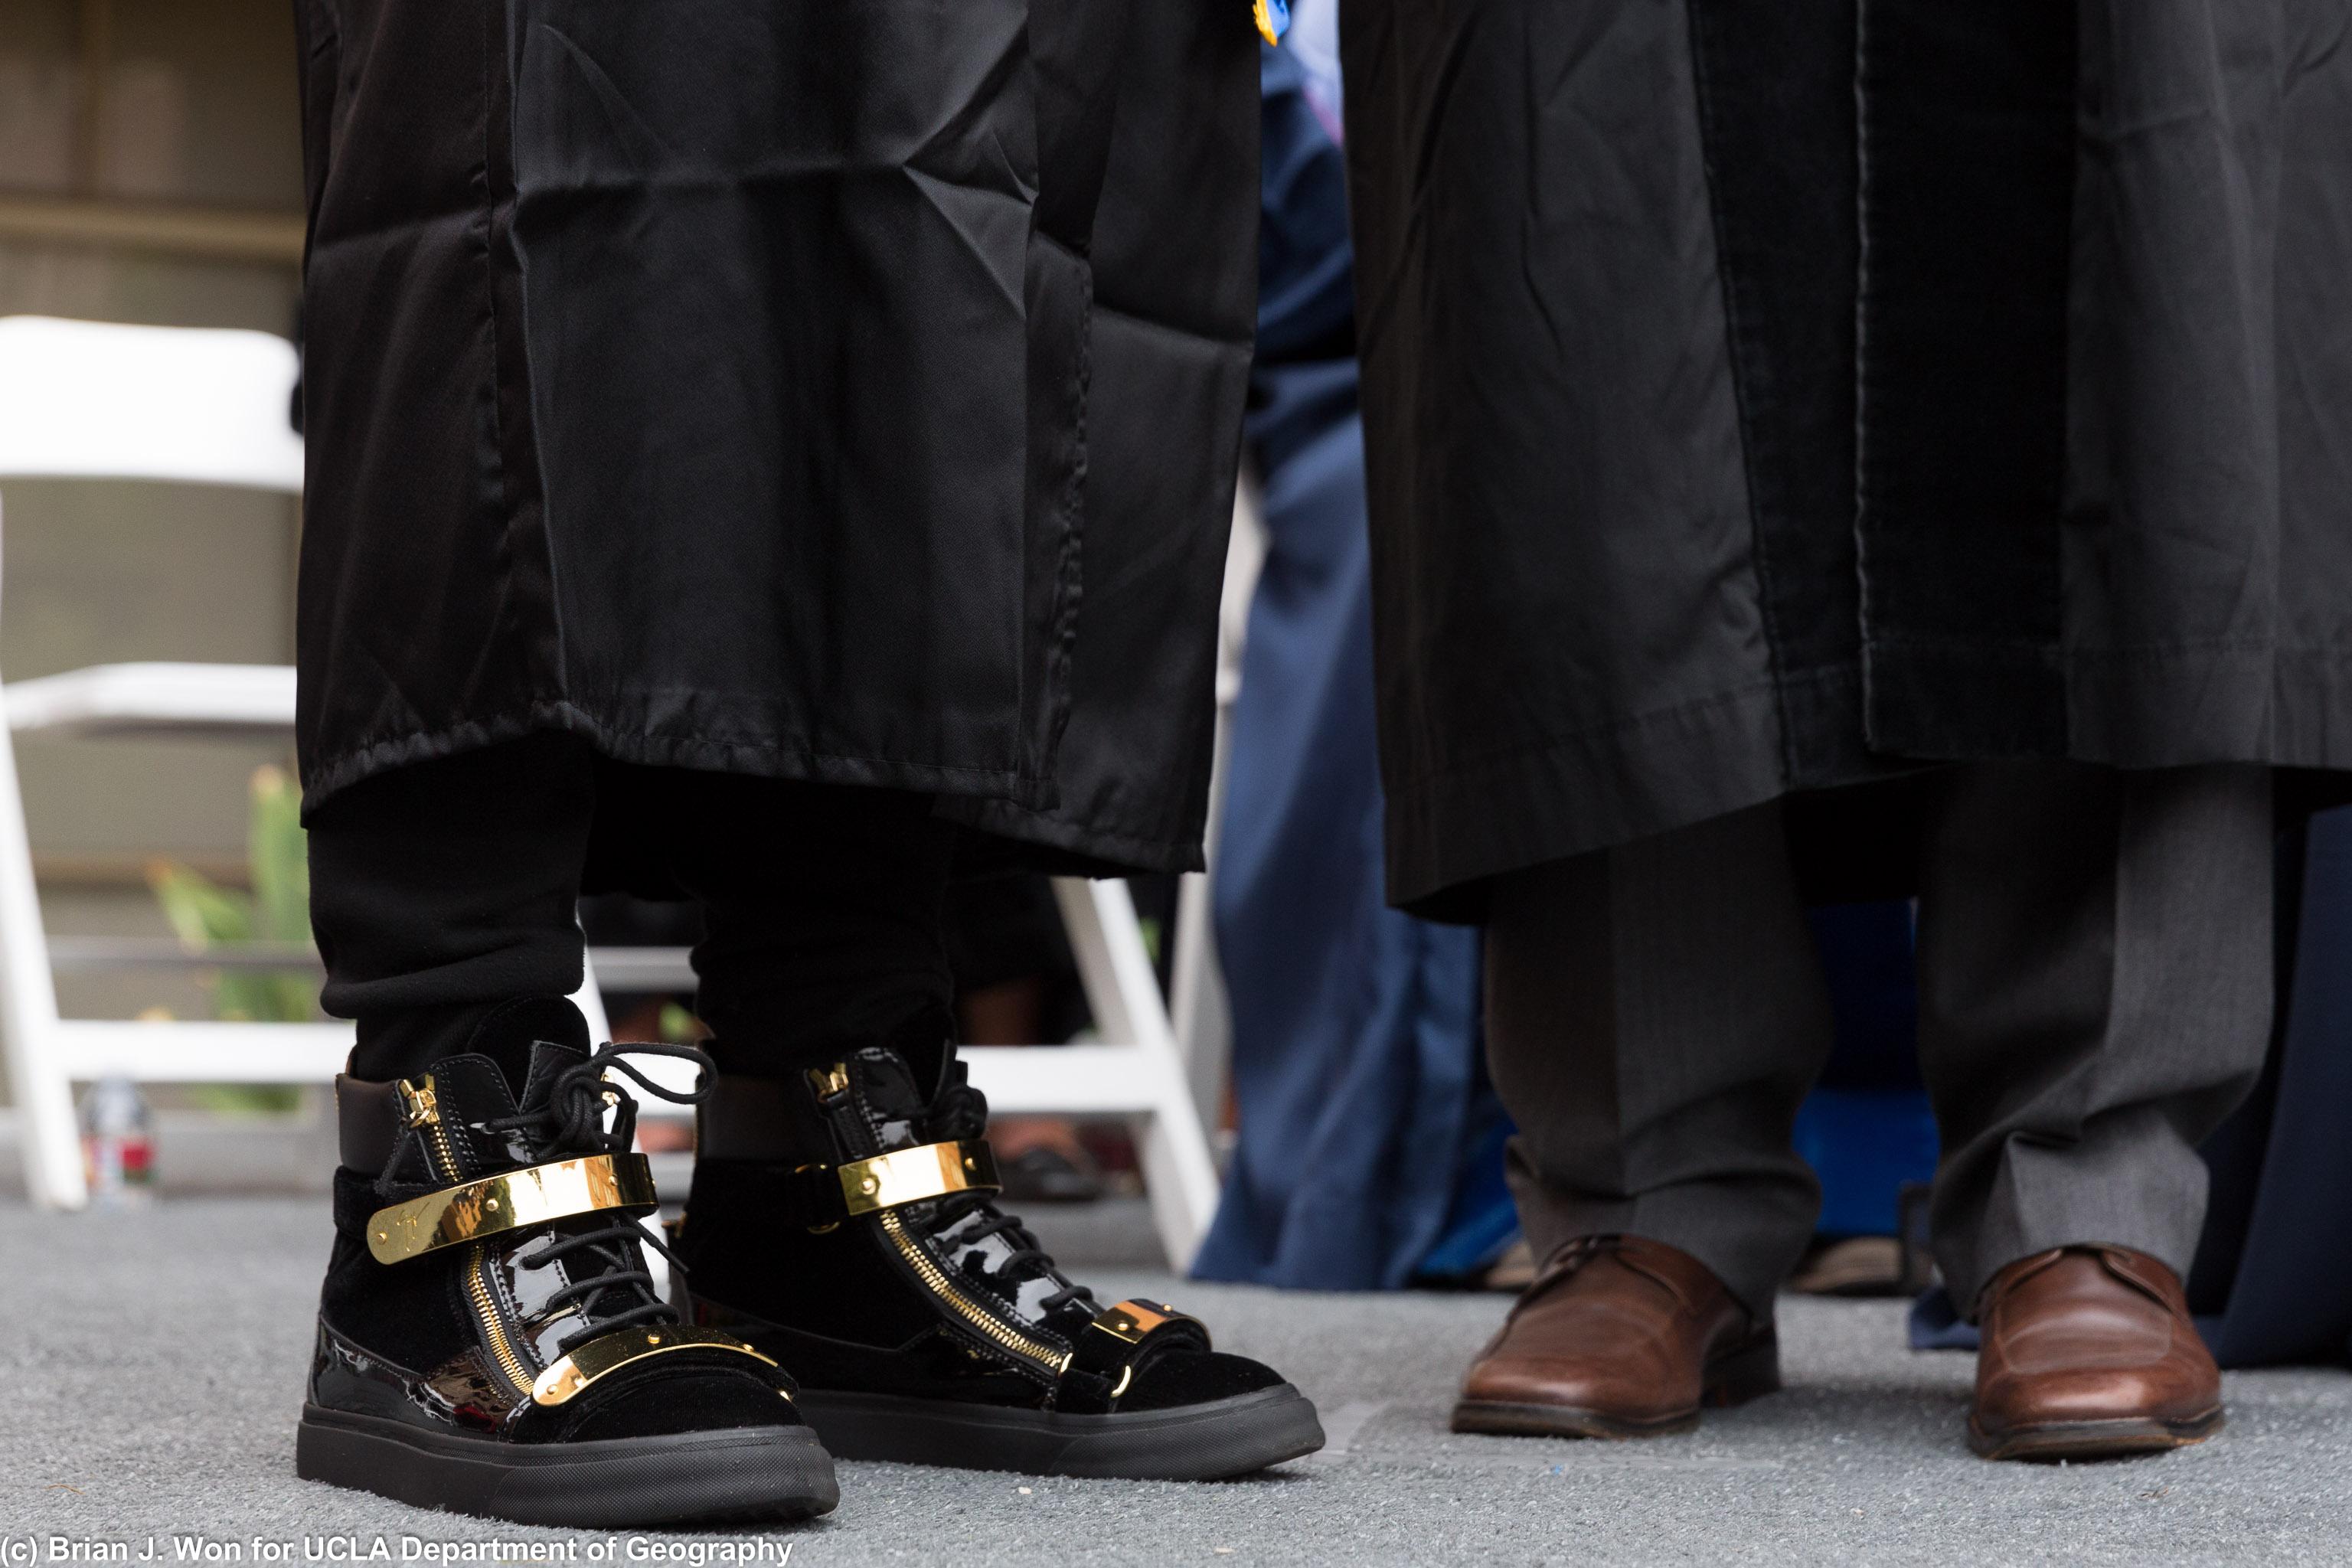 Fancy shoes for graduation